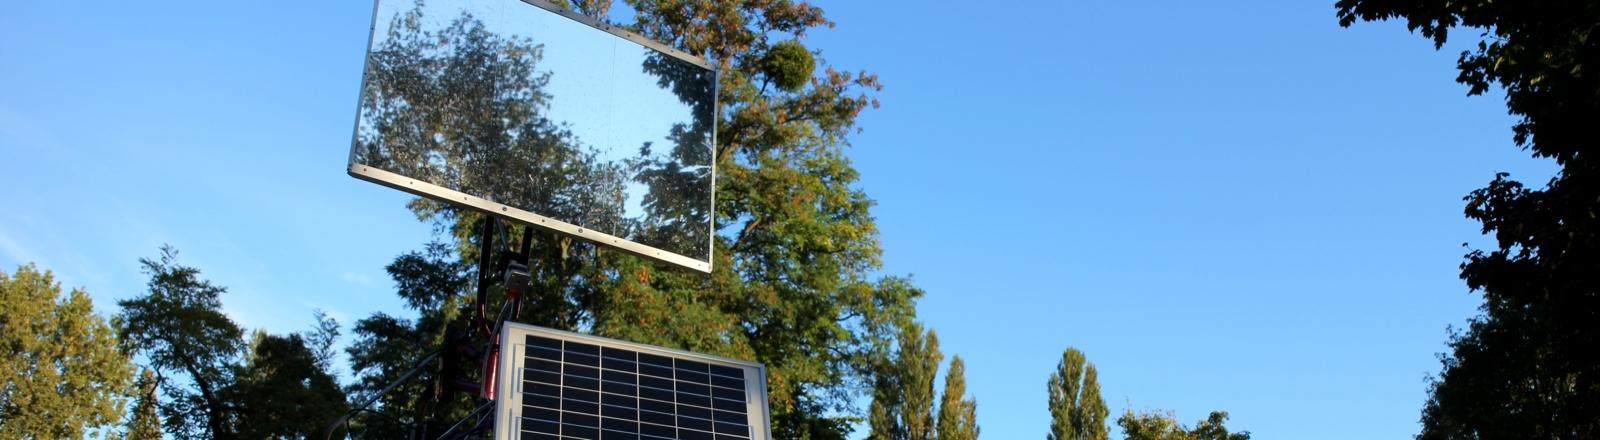 Die Sonnenscheinmaschine: Ein selbstgebauter Heliostat